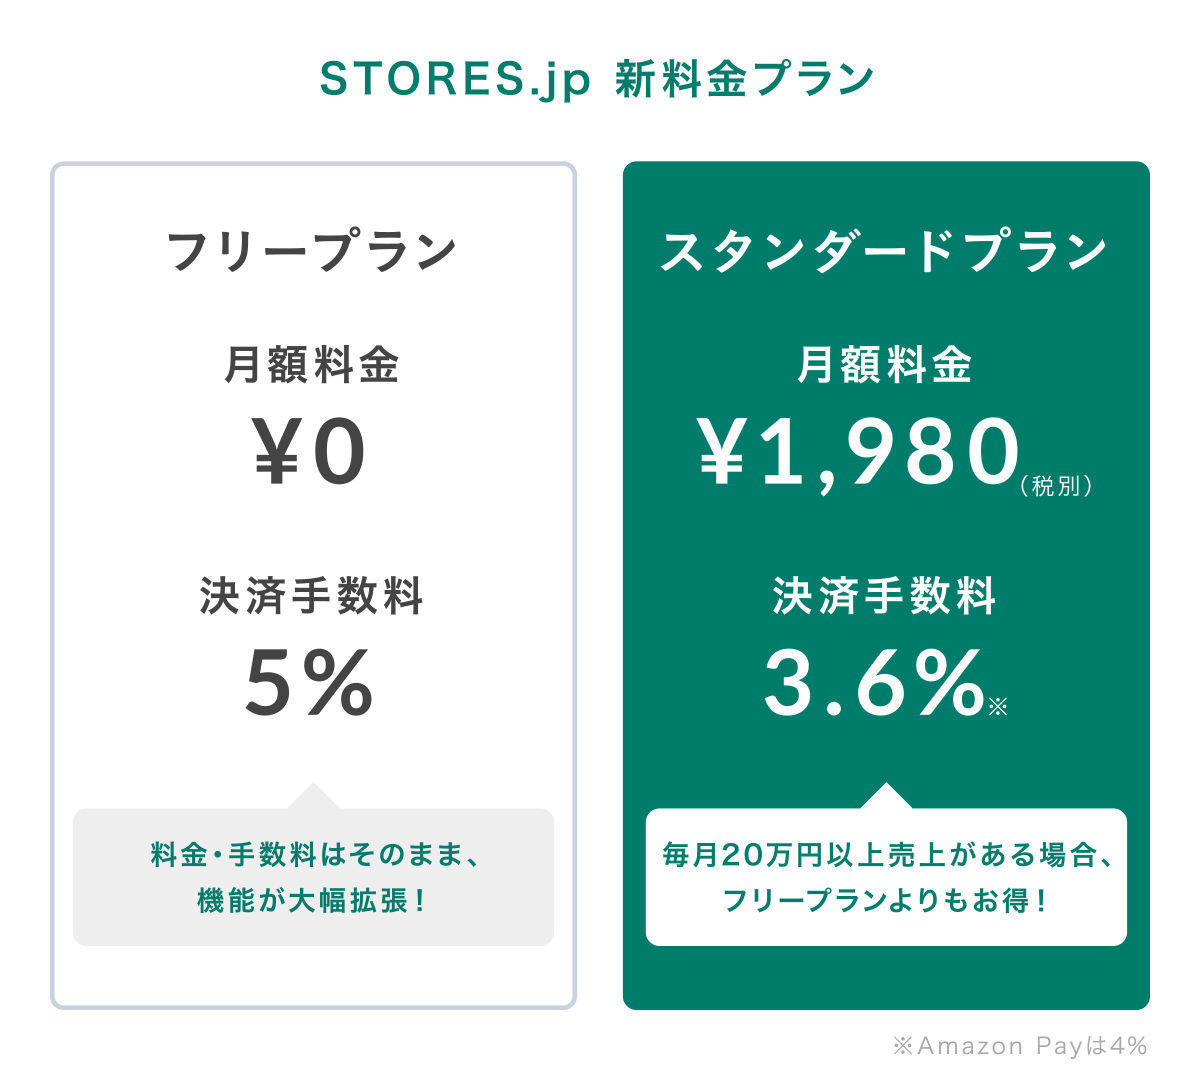 フリープランの手数料は5%、スタンダードプランの手数料は3.6%です。